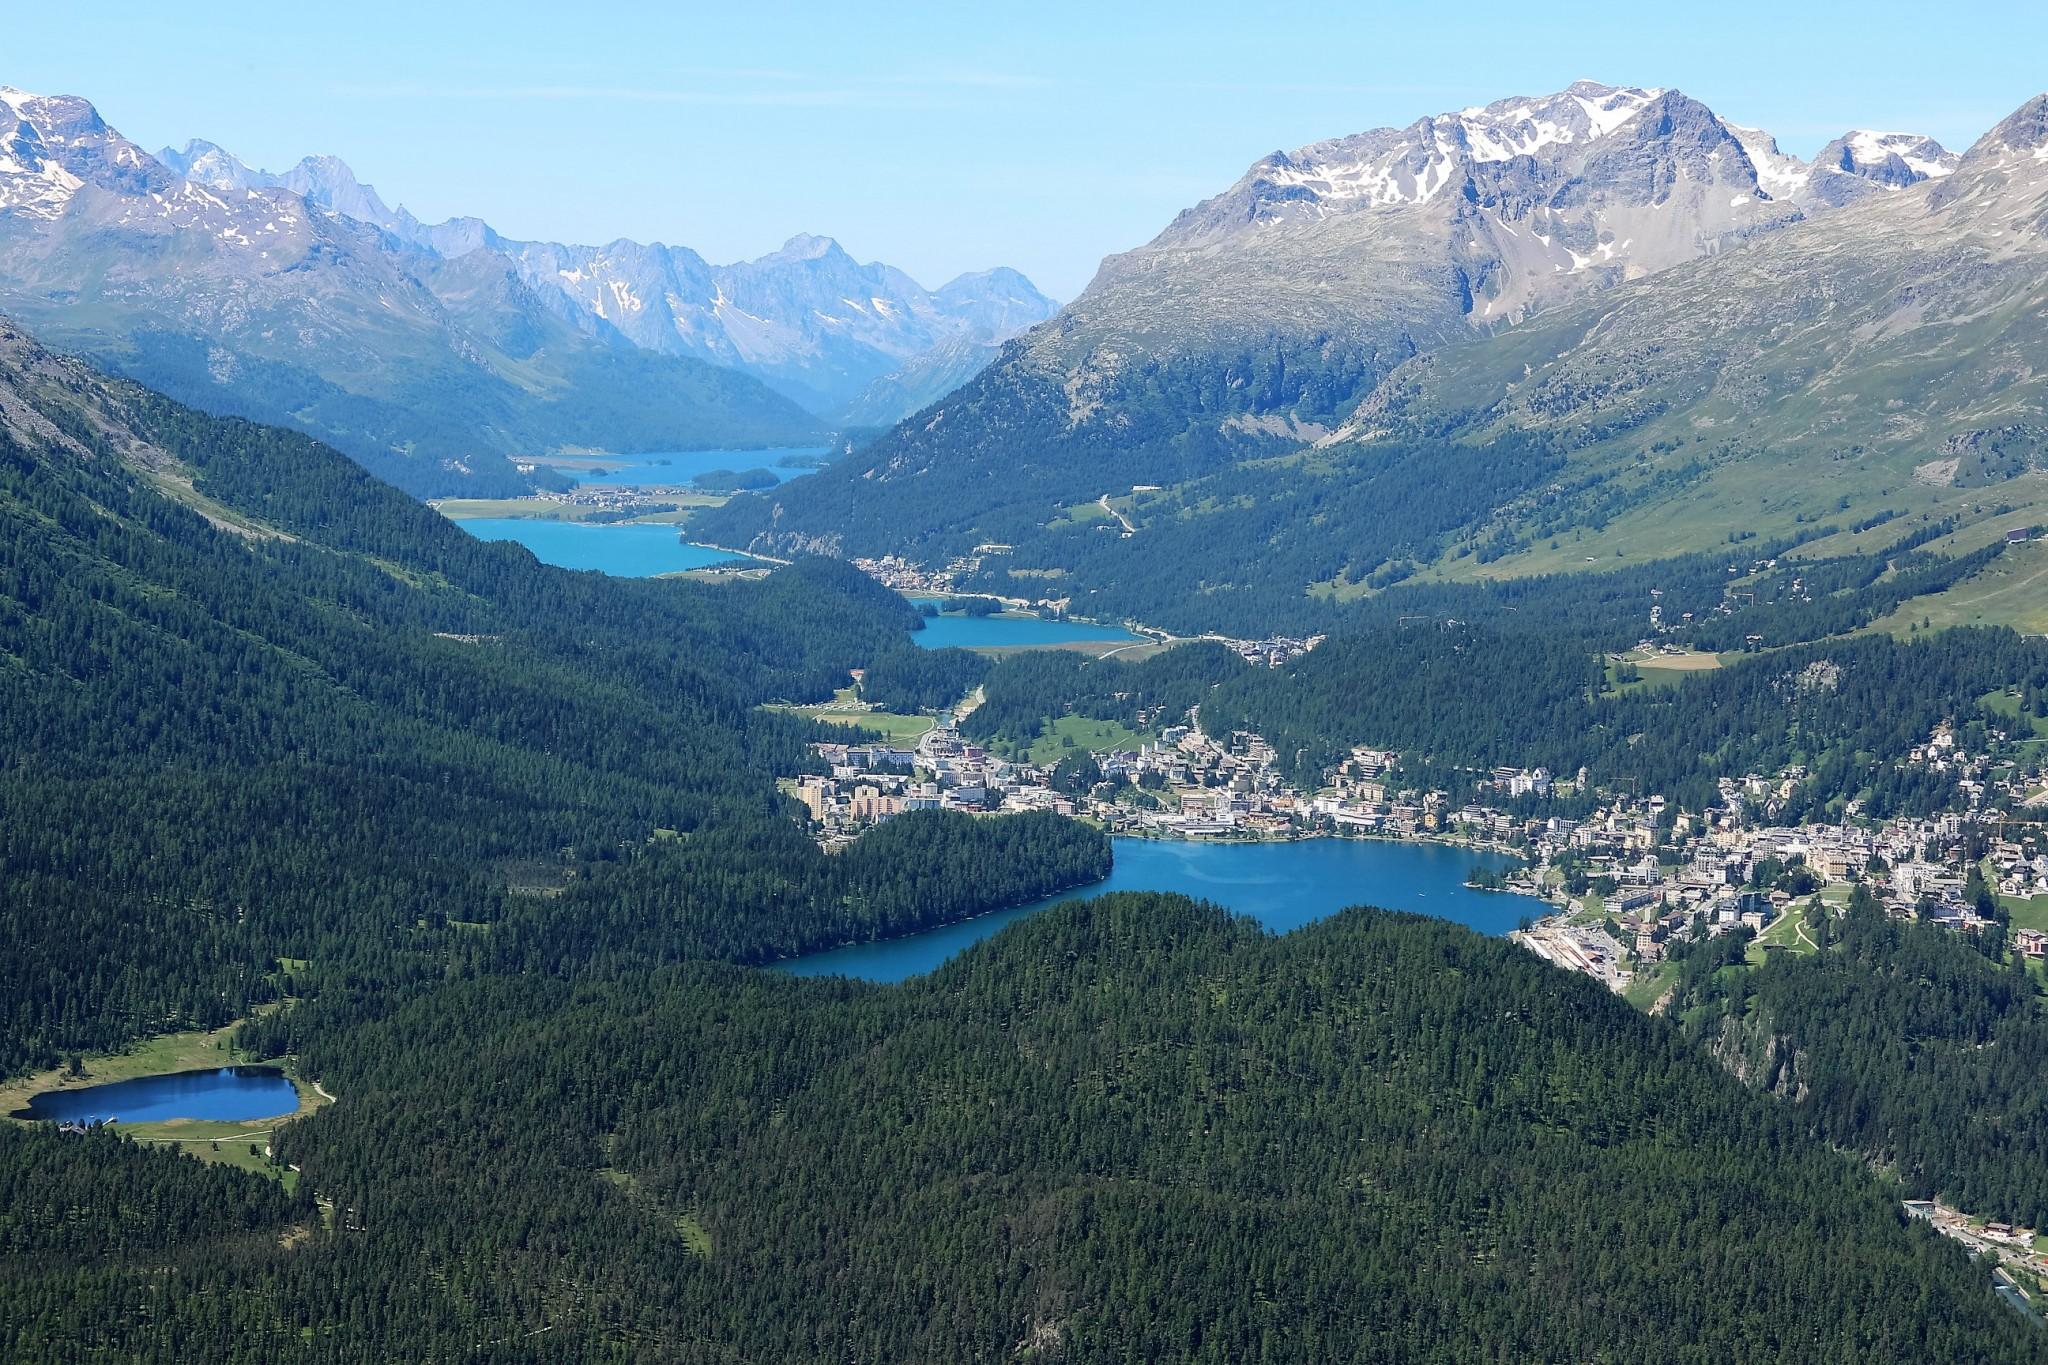 Muottas Muragl St Moritz